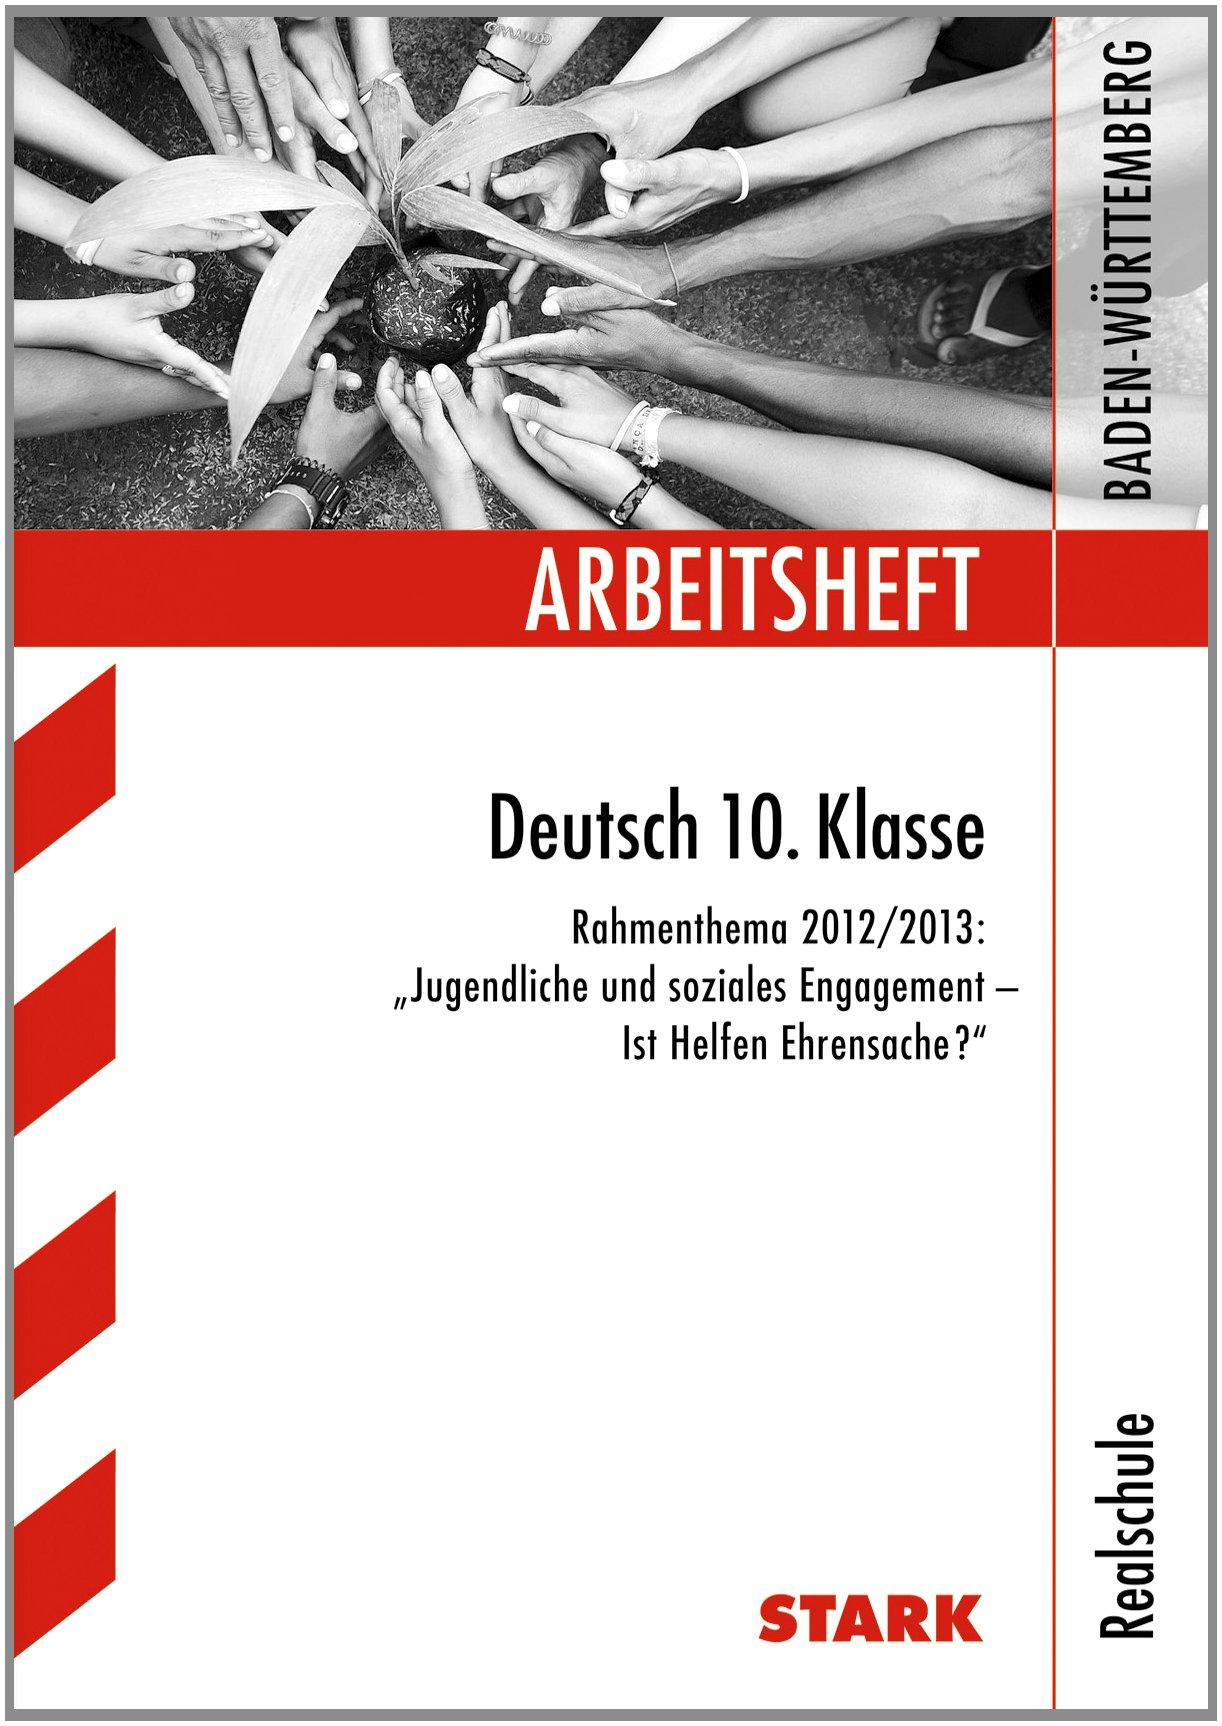 Arbeitshefte Baden-Württemberg: Arbeitsheft Realschule - Deutsch 10. Kl. Rahmenthema 2012/13